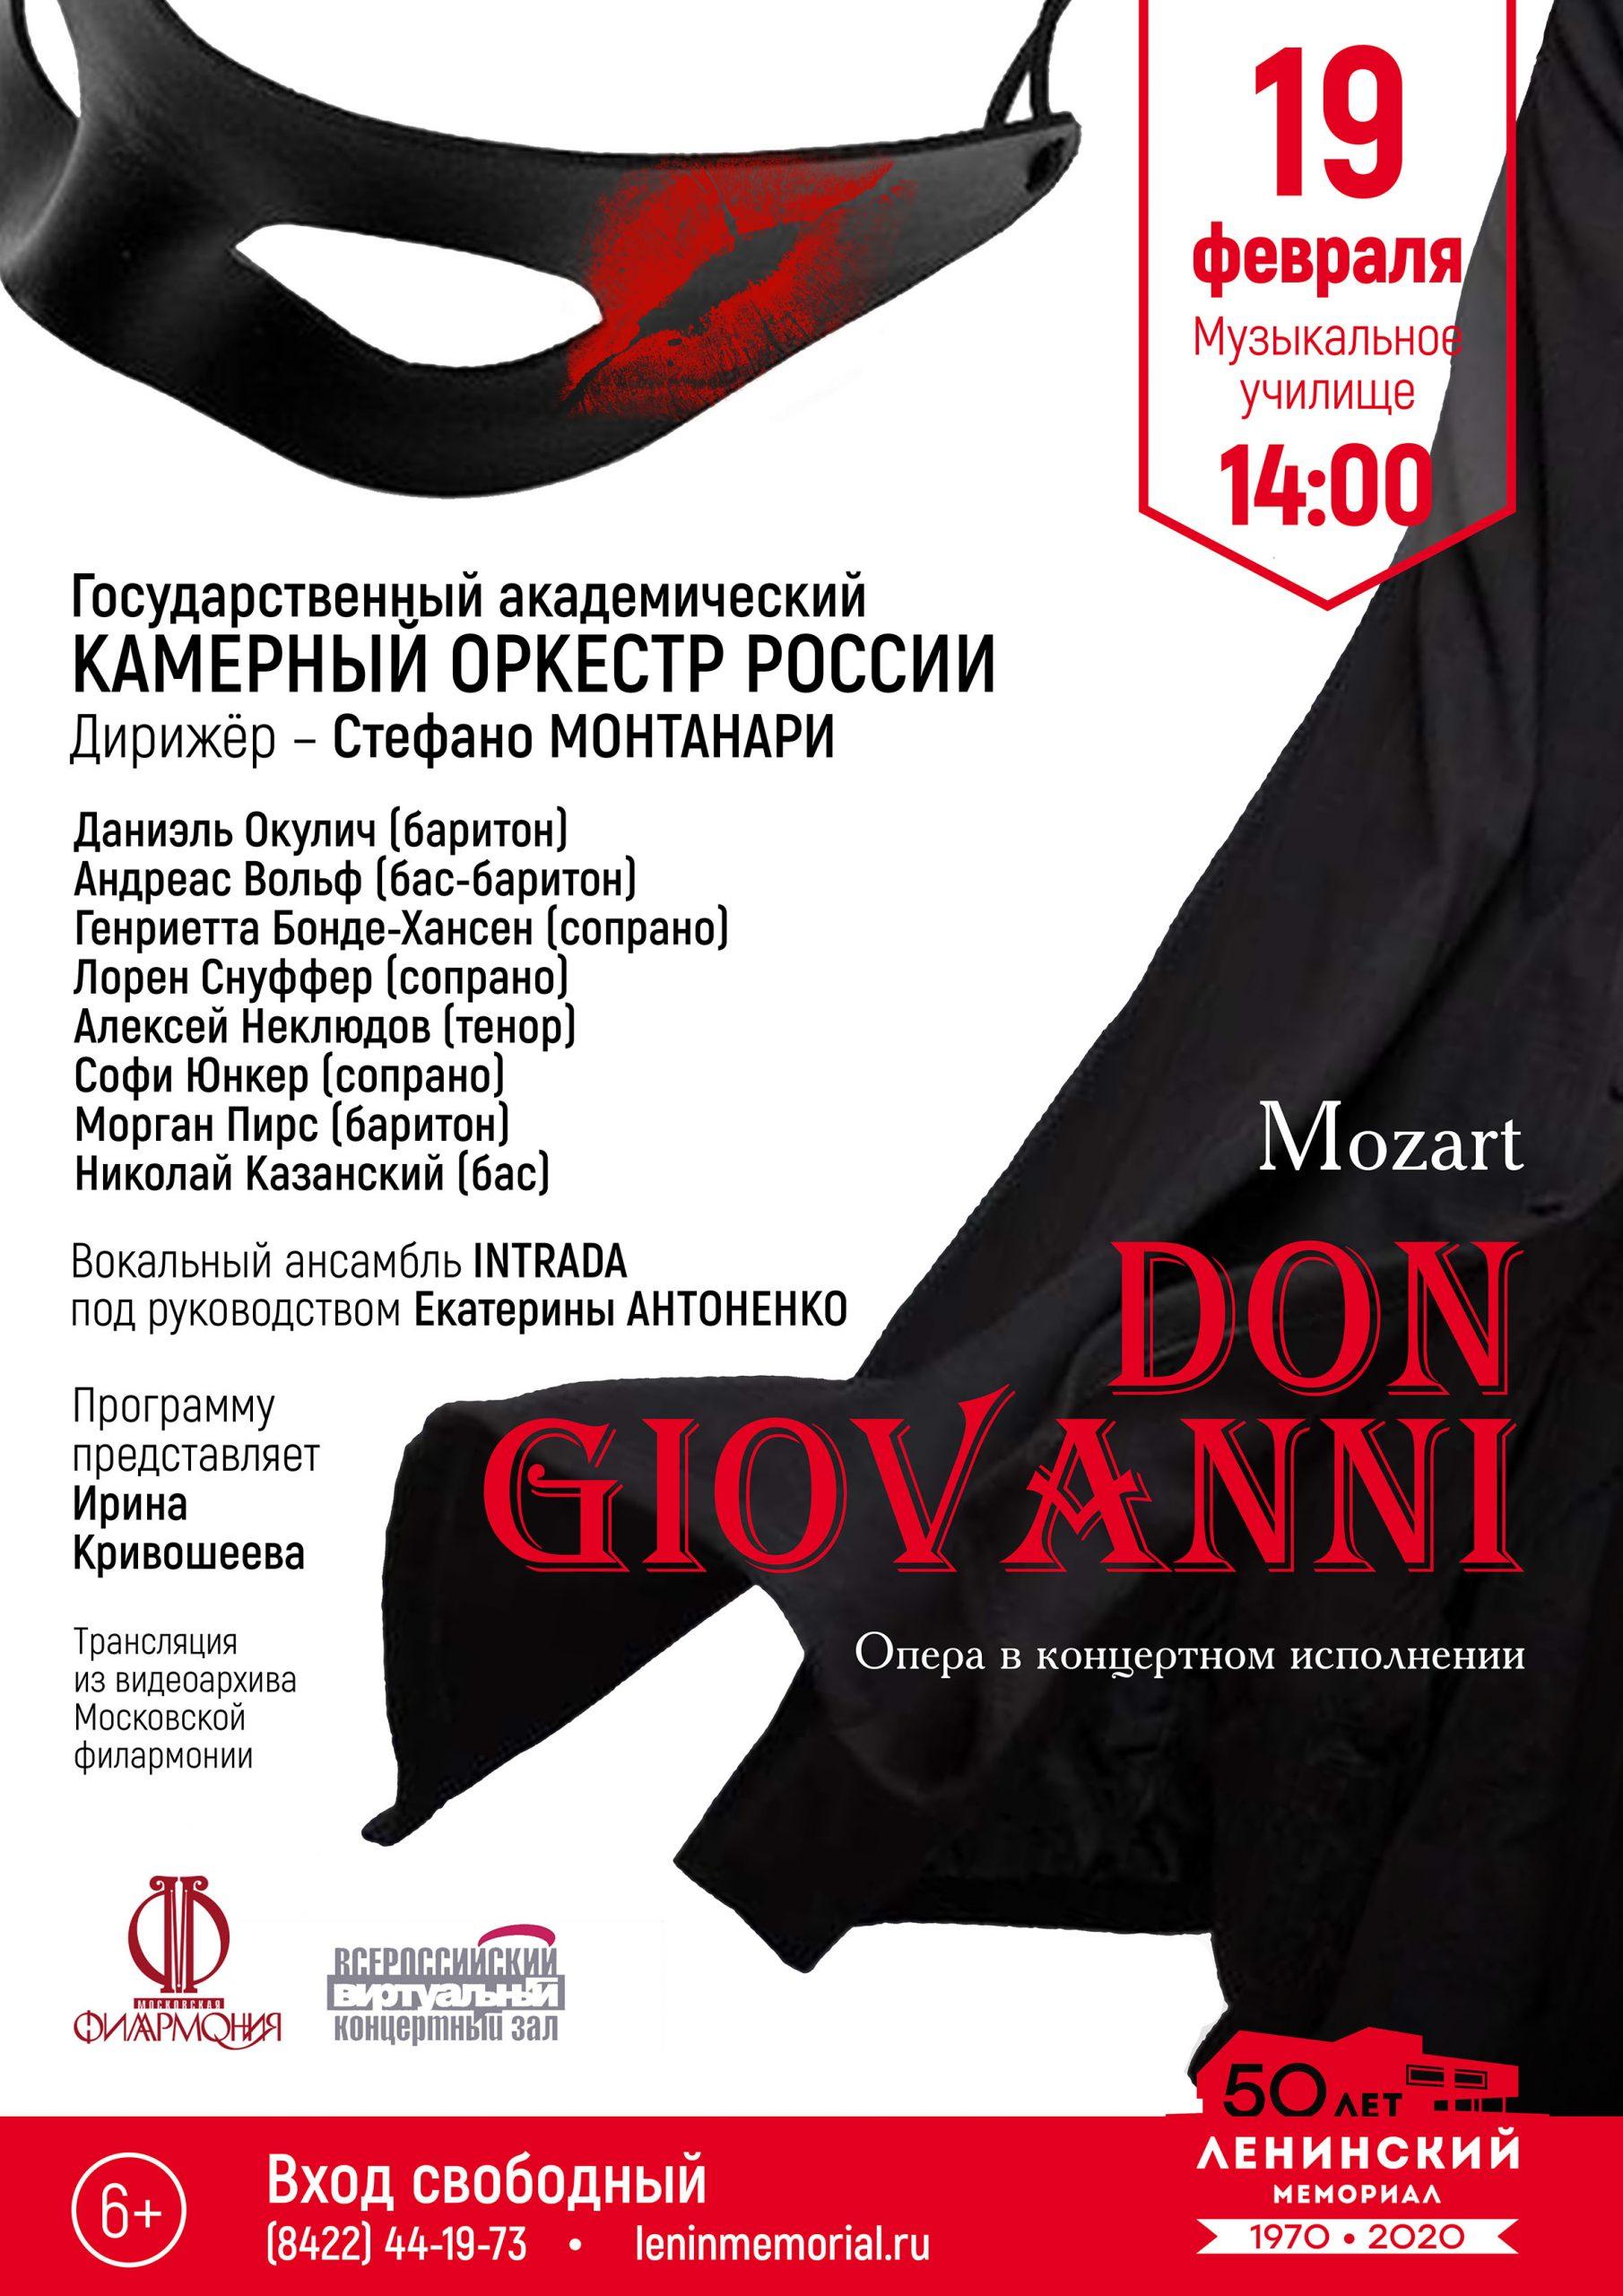 """Виртуальный концертный зал. Опера """"Дон Жуан"""" @  в зале музыкального училища (ул. Гимова, 1)"""